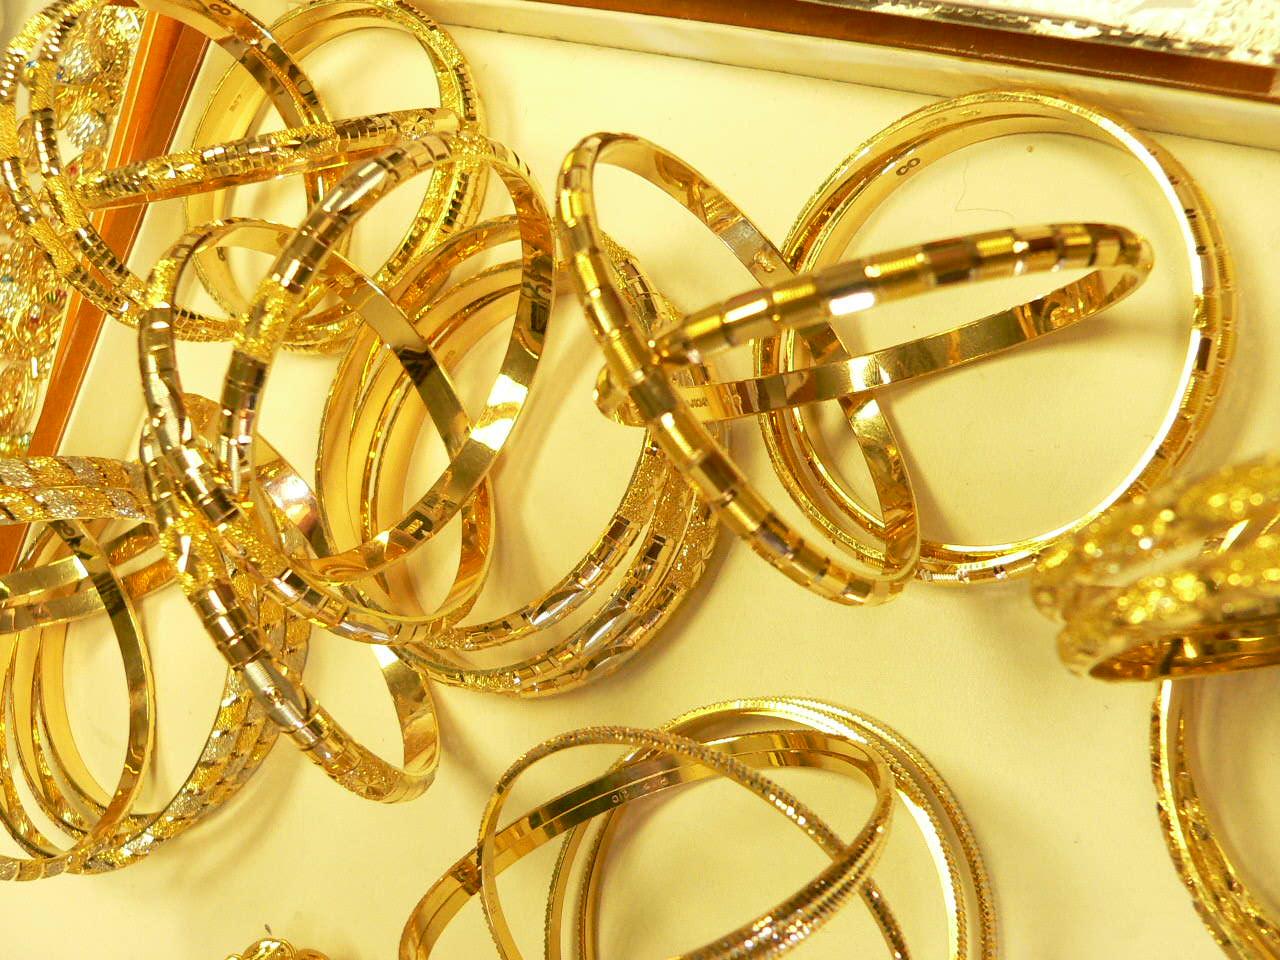 bangle bracelets 21 karat